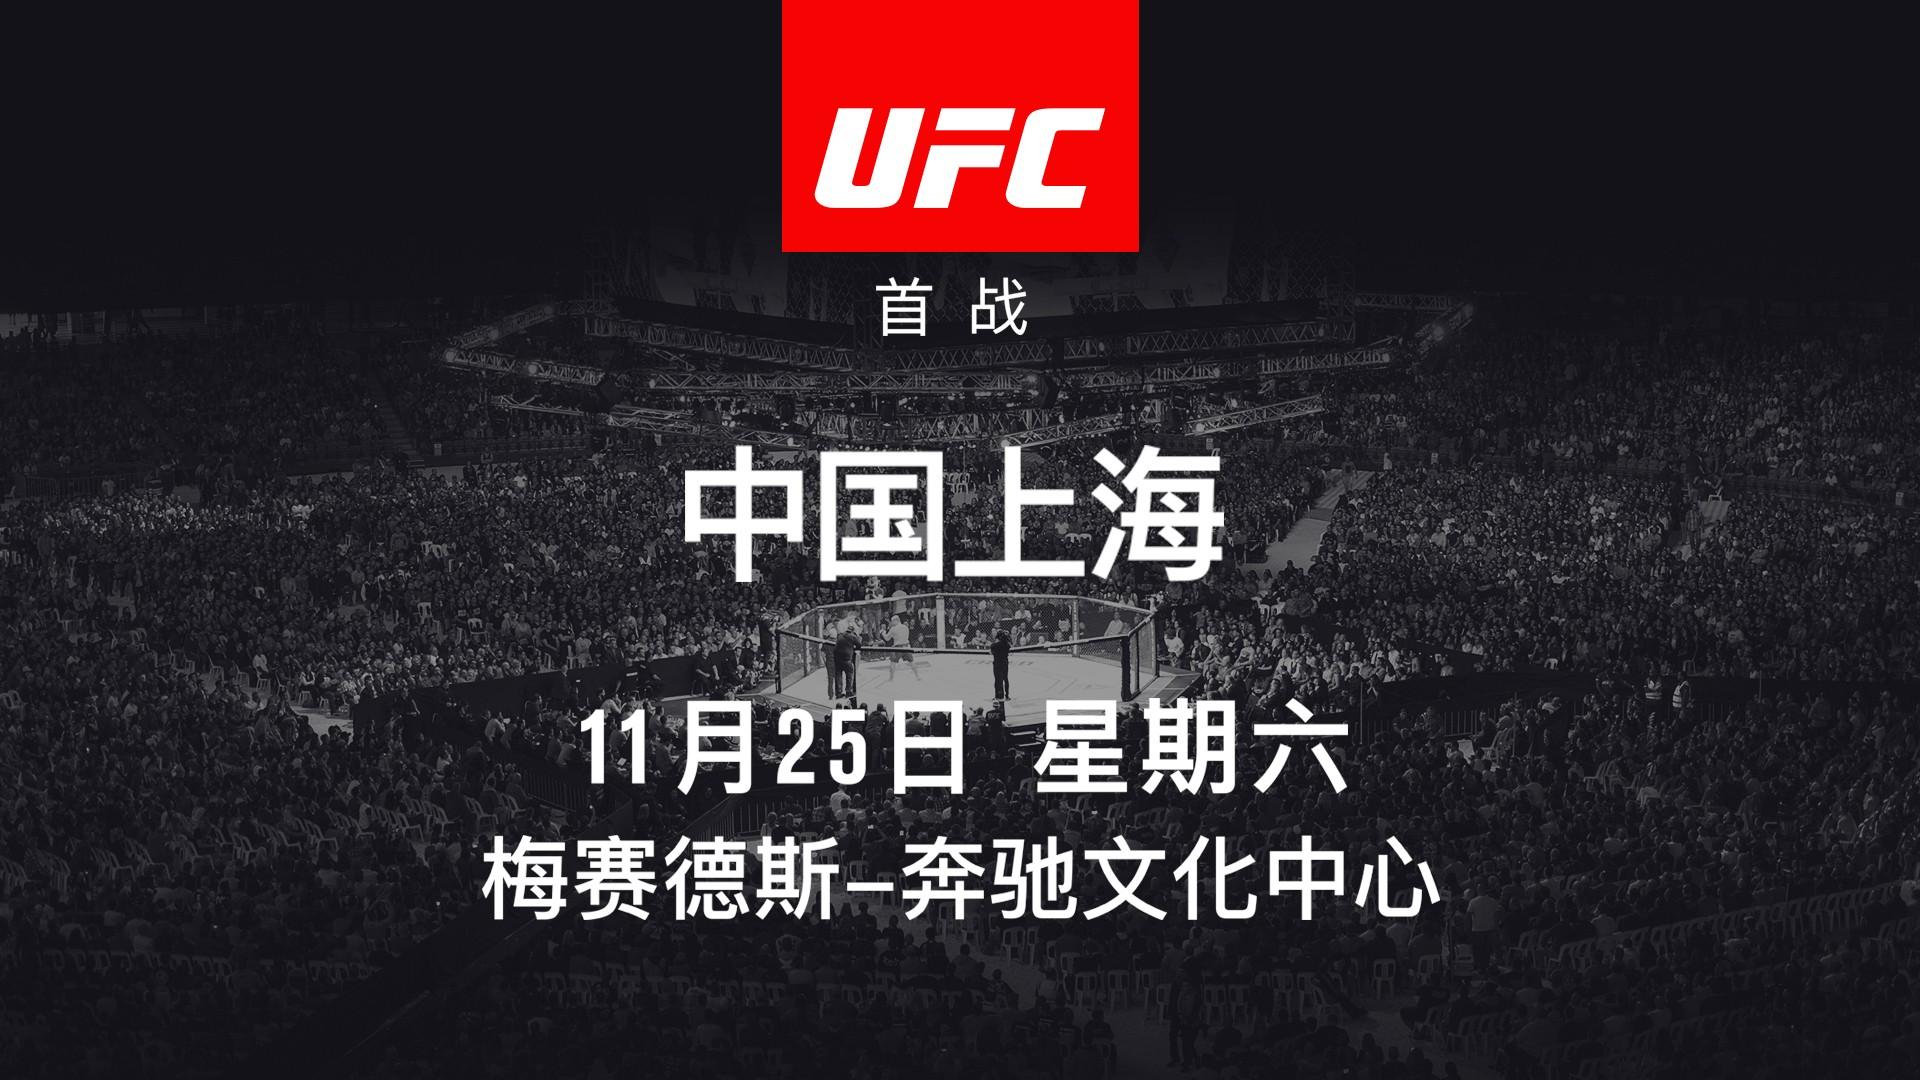 UFC格斗之夜-上海站早鸟票开售 部分区域大麦9折开抢!